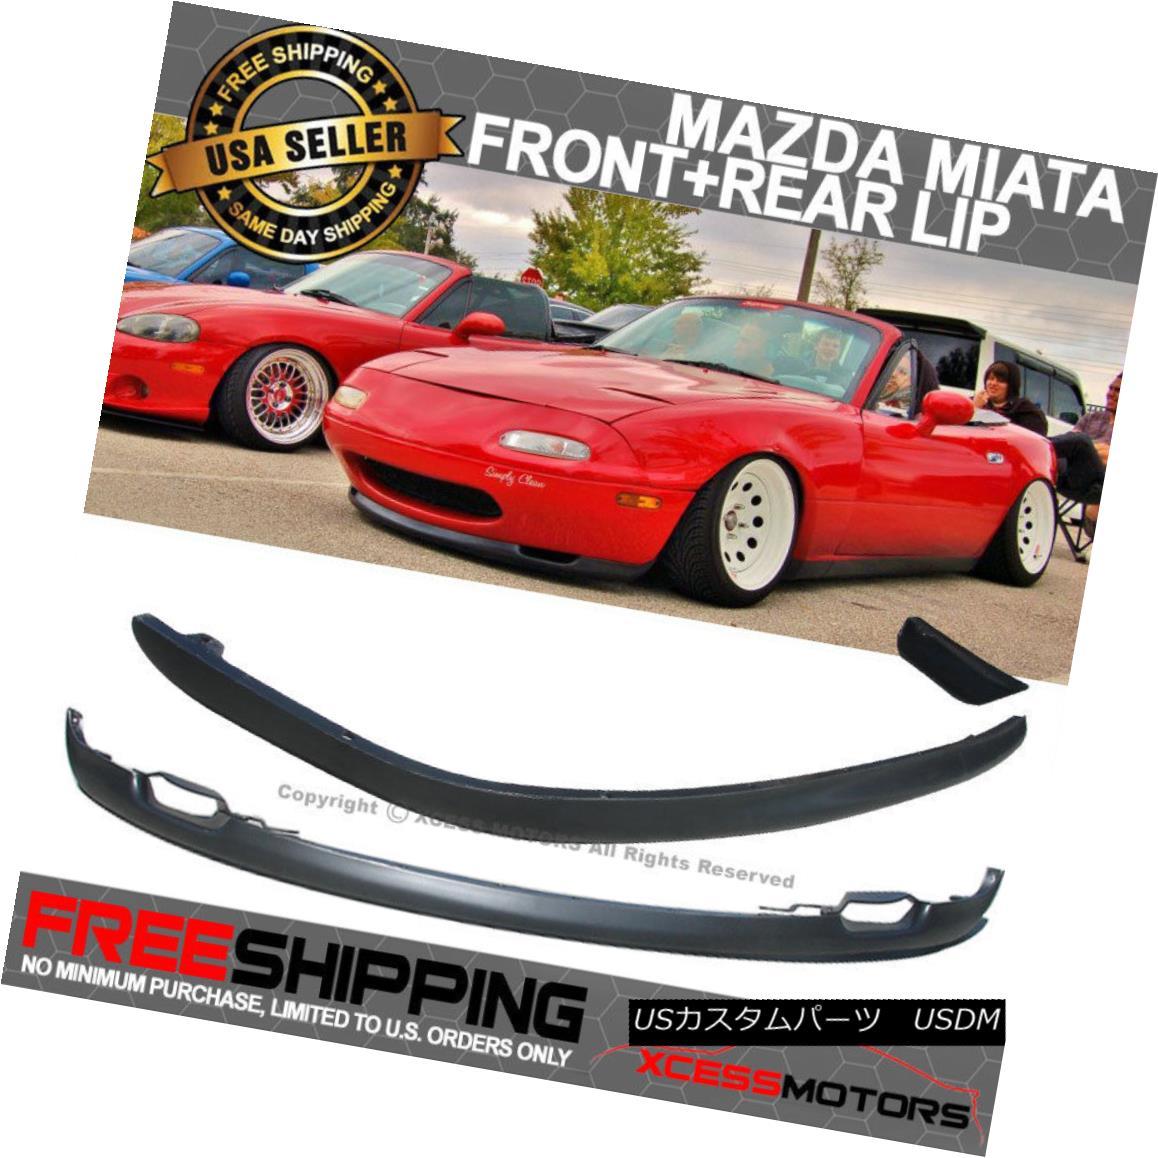 エアロパーツ Fits 90-97 Mazda Miata MX5 Polypropylene Front + Rear Lip Bumper Spoiler PP フィット90-97マツダMiata MX5ポリプロピレンフロント+リアリップバンパースポイラーPP